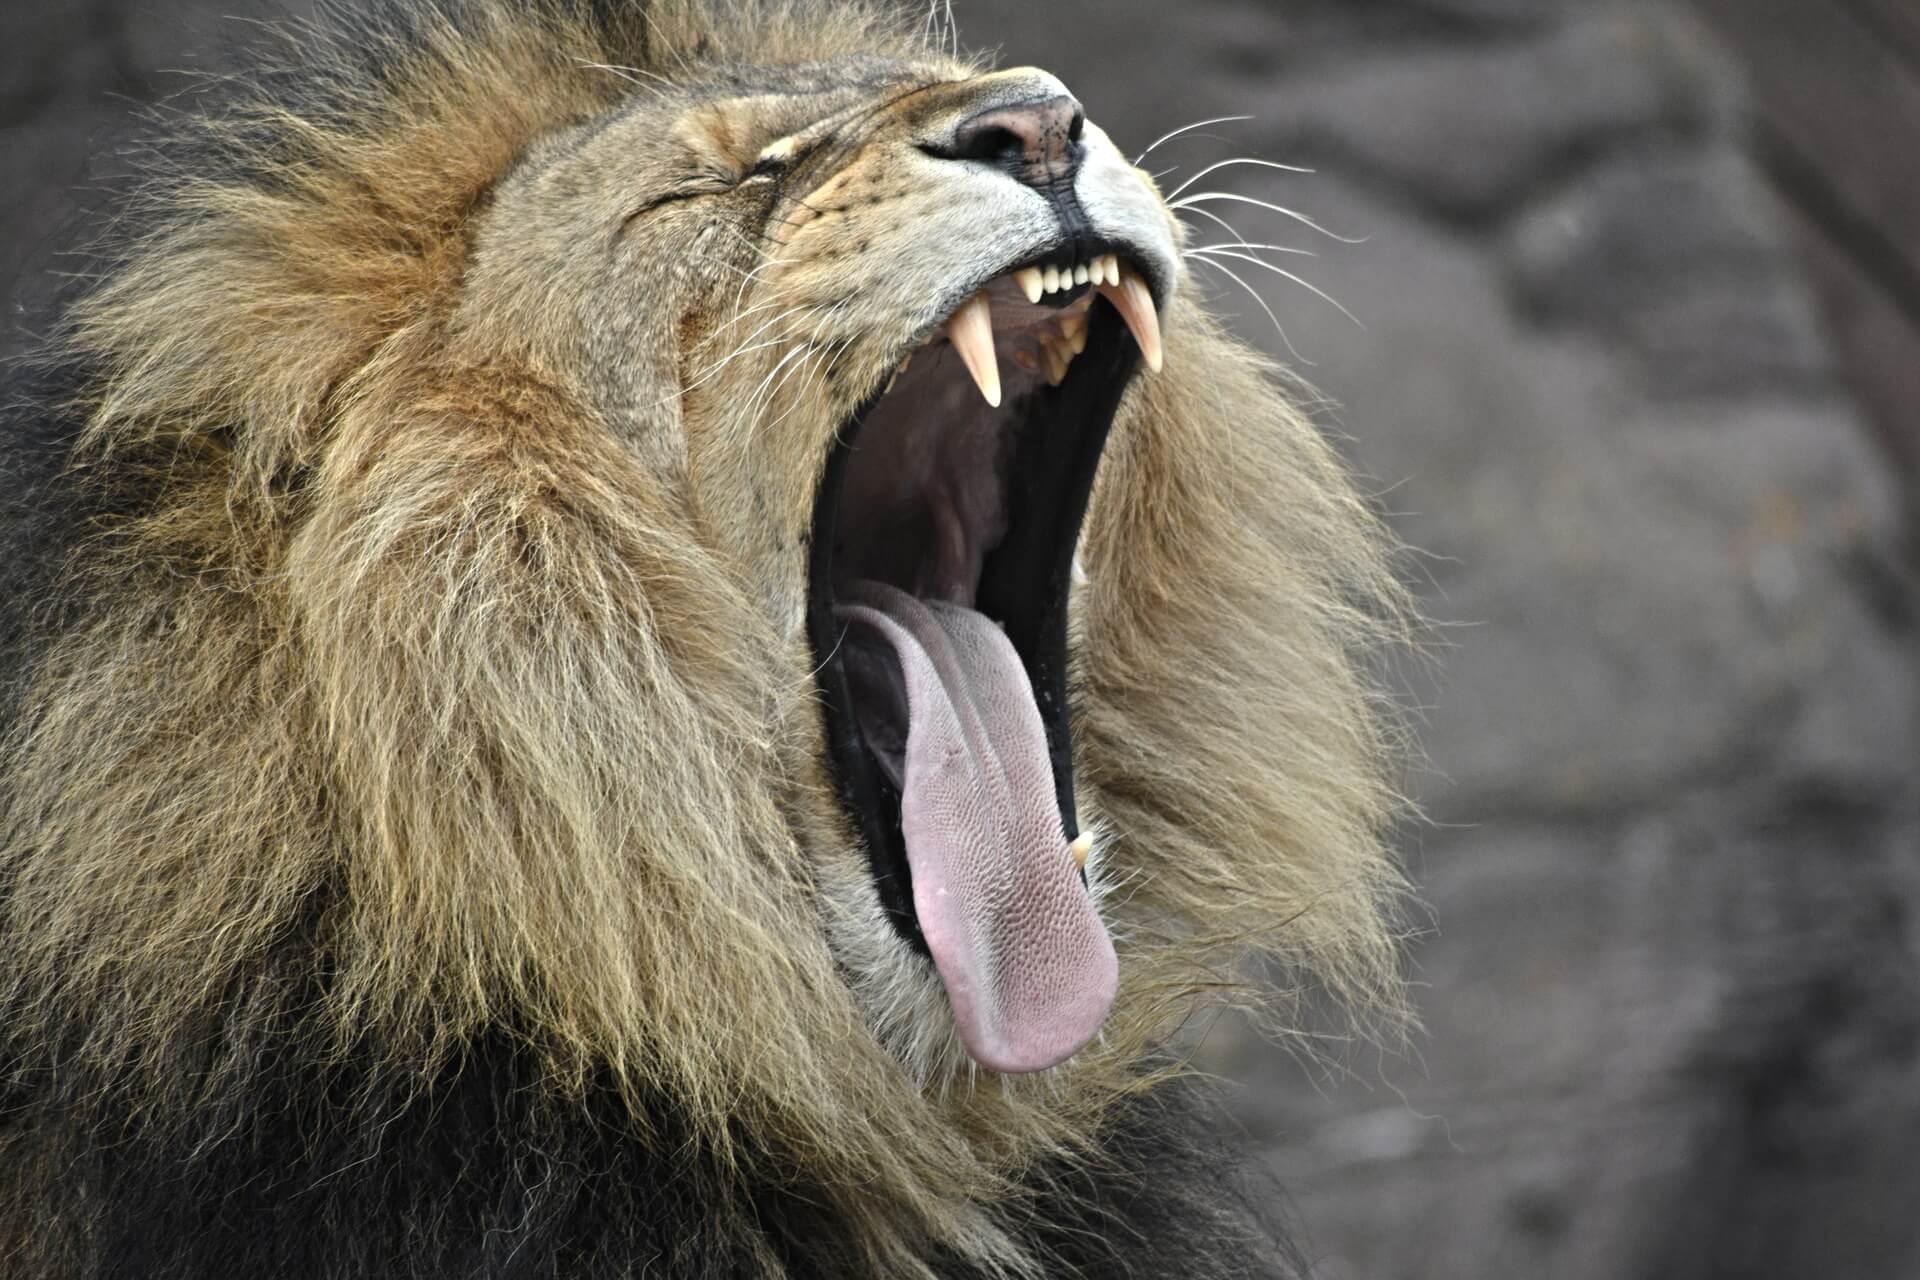 ライオンがあくびをしている画像